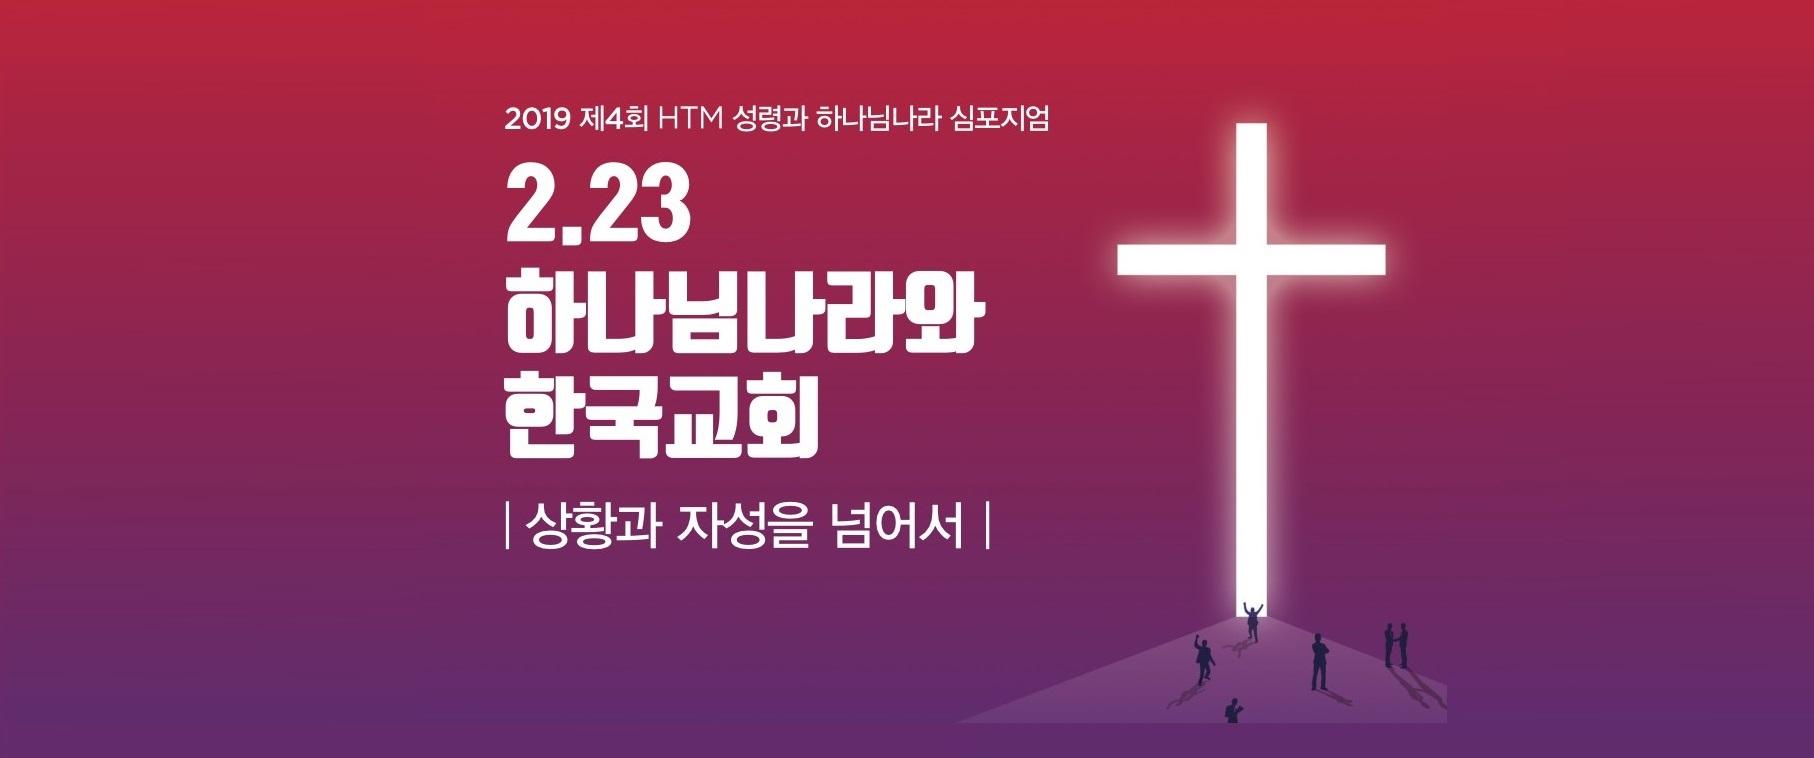 제4회 심포지엄 및 파트너 컨퍼런스 접수(마감되었습니다.)